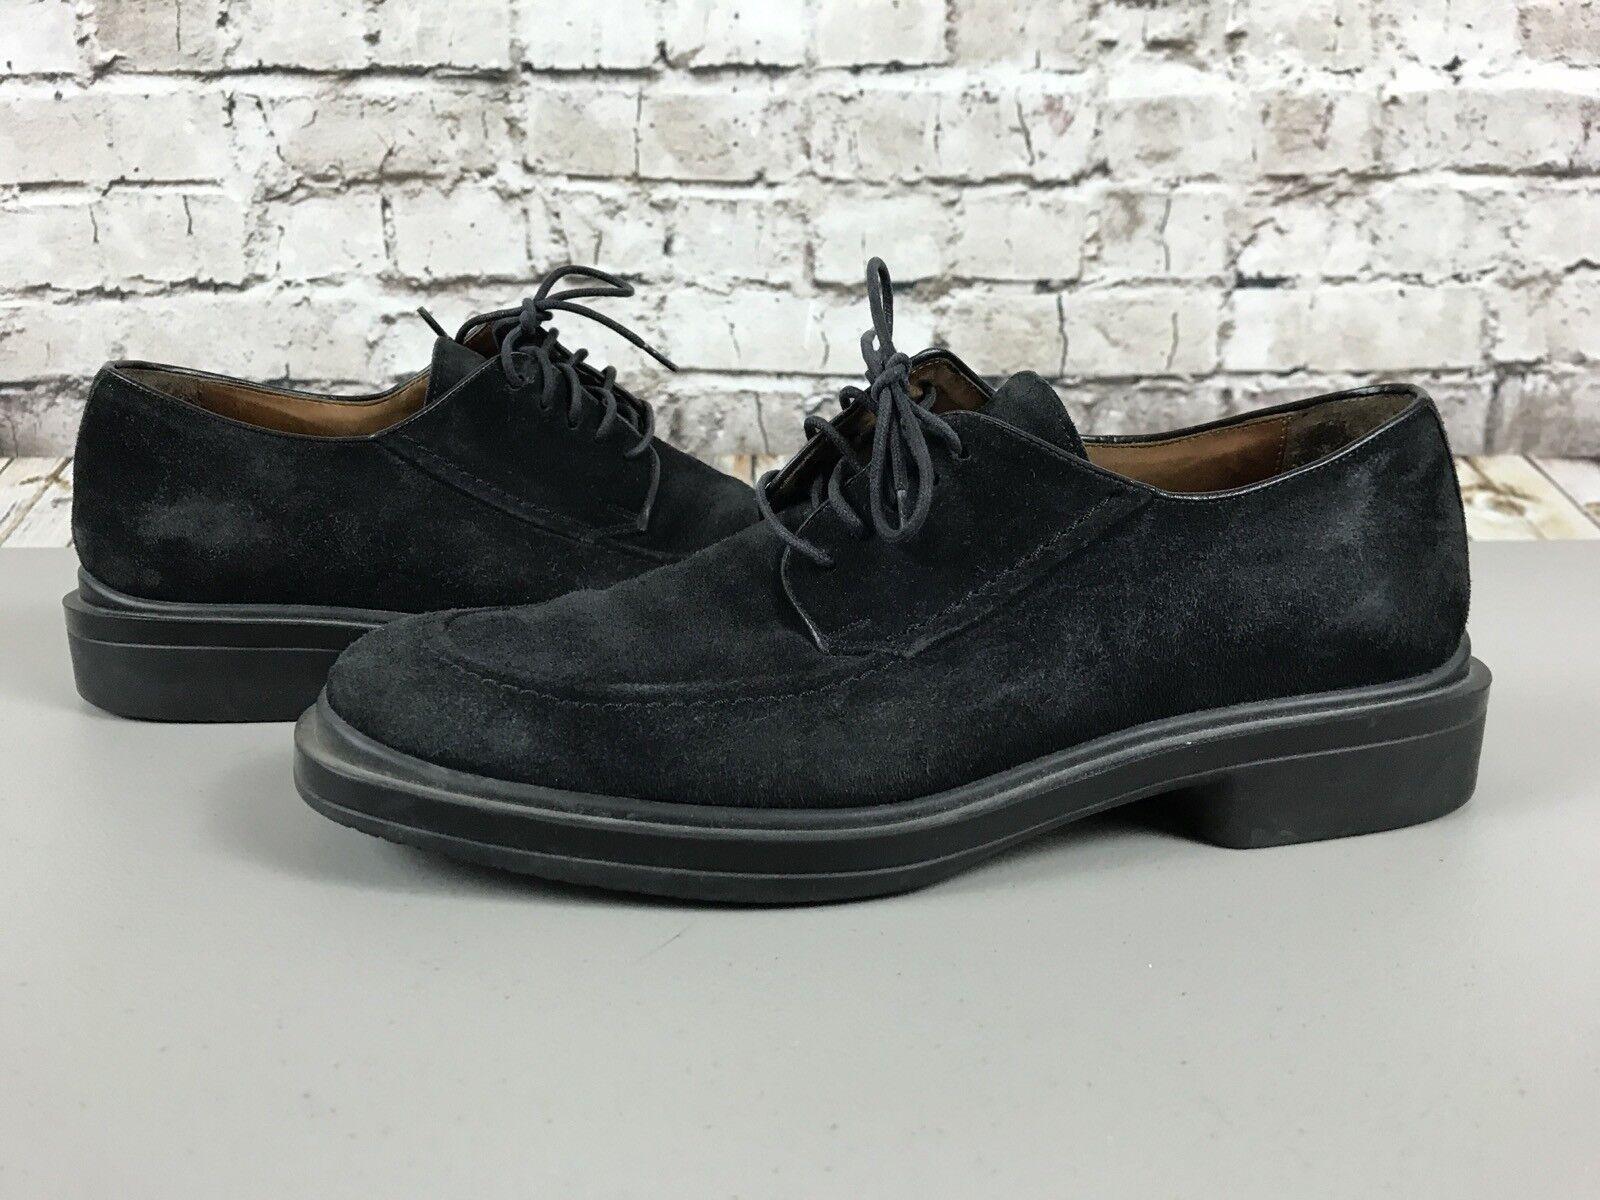 Men's Johnston & Murphy Suede Lace Up shoes Size 8M Vibram Casual Oxfords